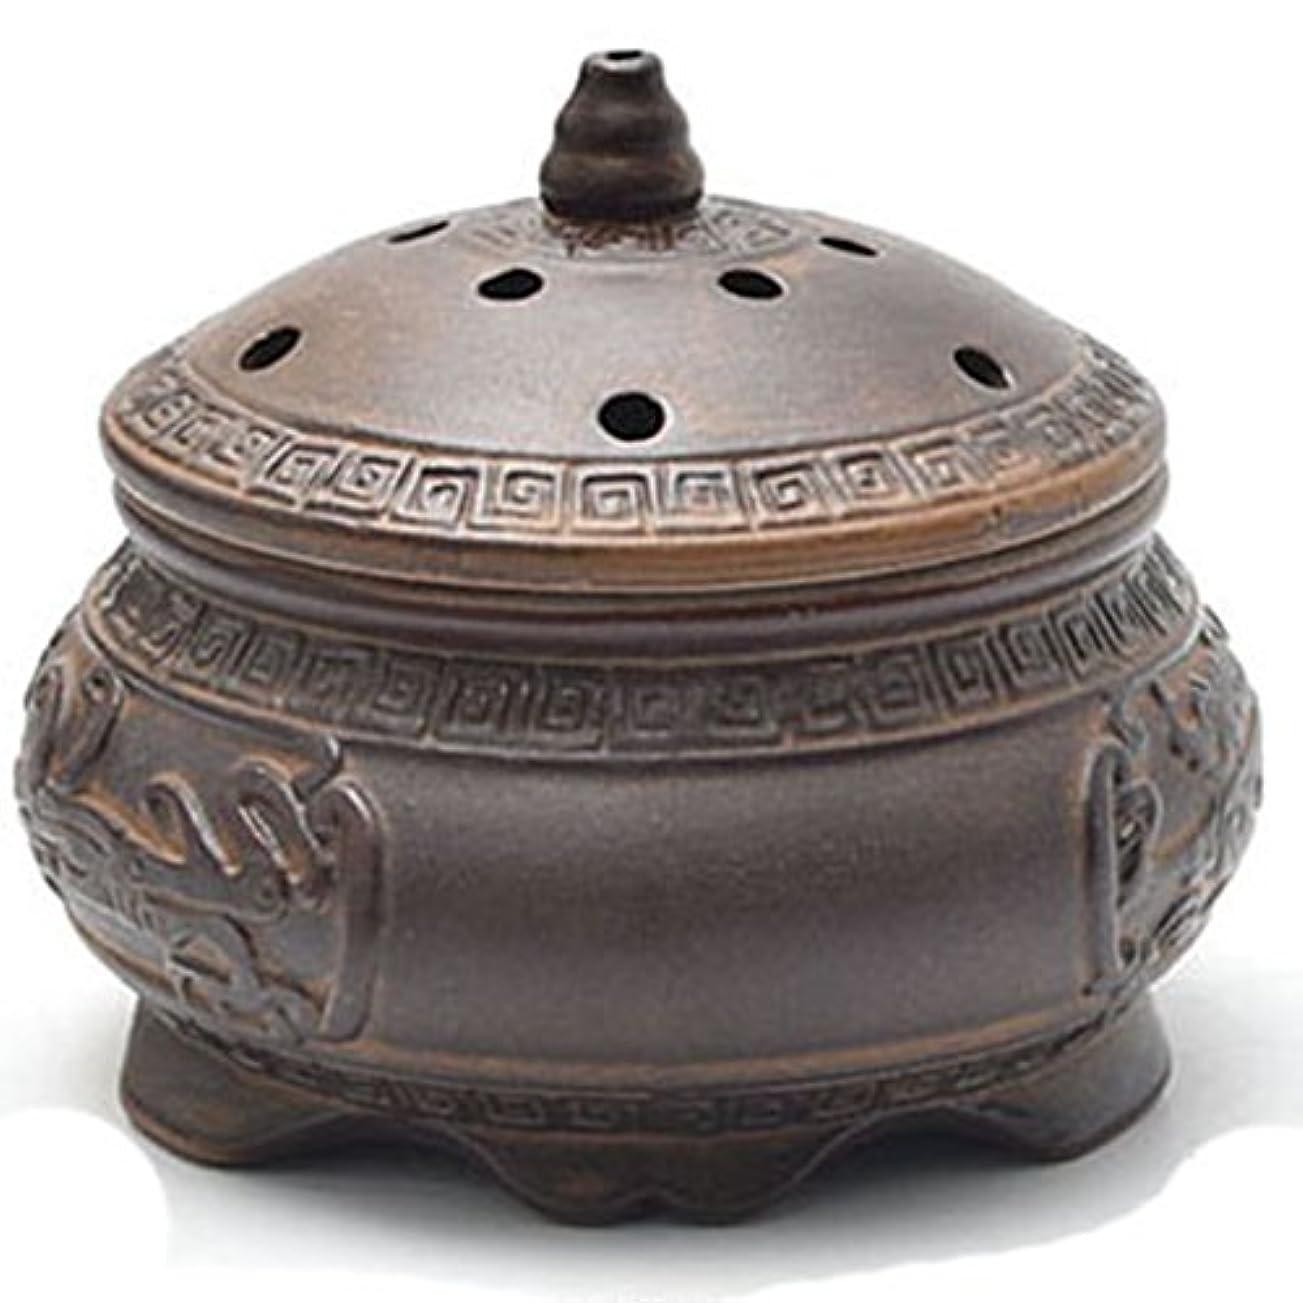 抑制するコカインリング(ラシューバー) Lasuiveur 香炉 線香立て 香立て 職人さんの手作り 茶道用品 おしゃれ